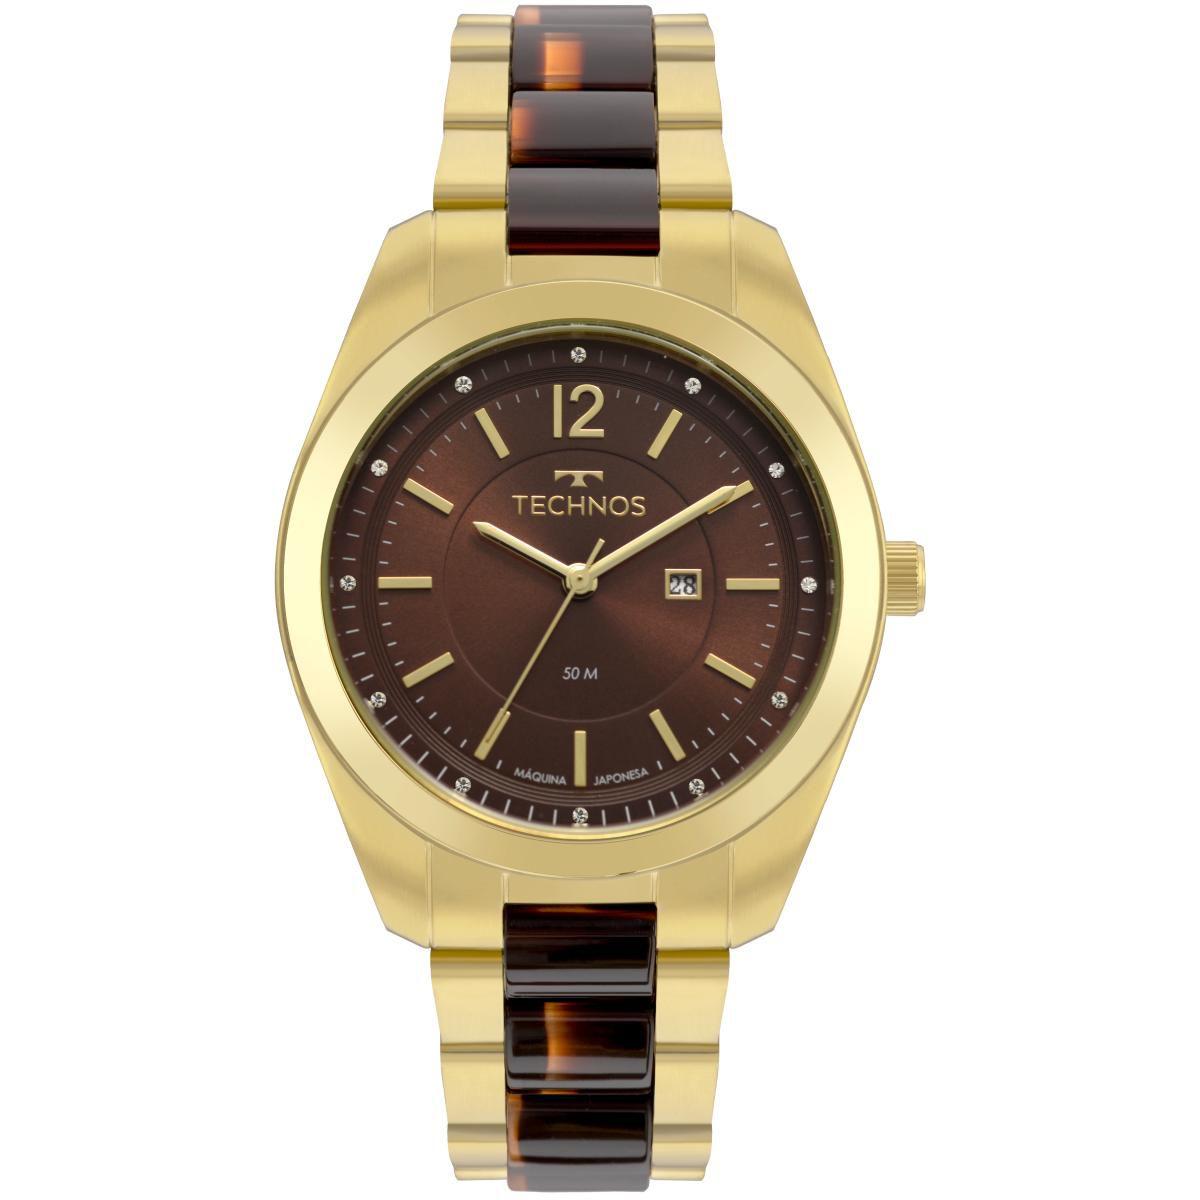 Relógio Feminino Technos Fashion Trend 2015CCY/4M 40mm Aço Bicolor Dourado/Marrom